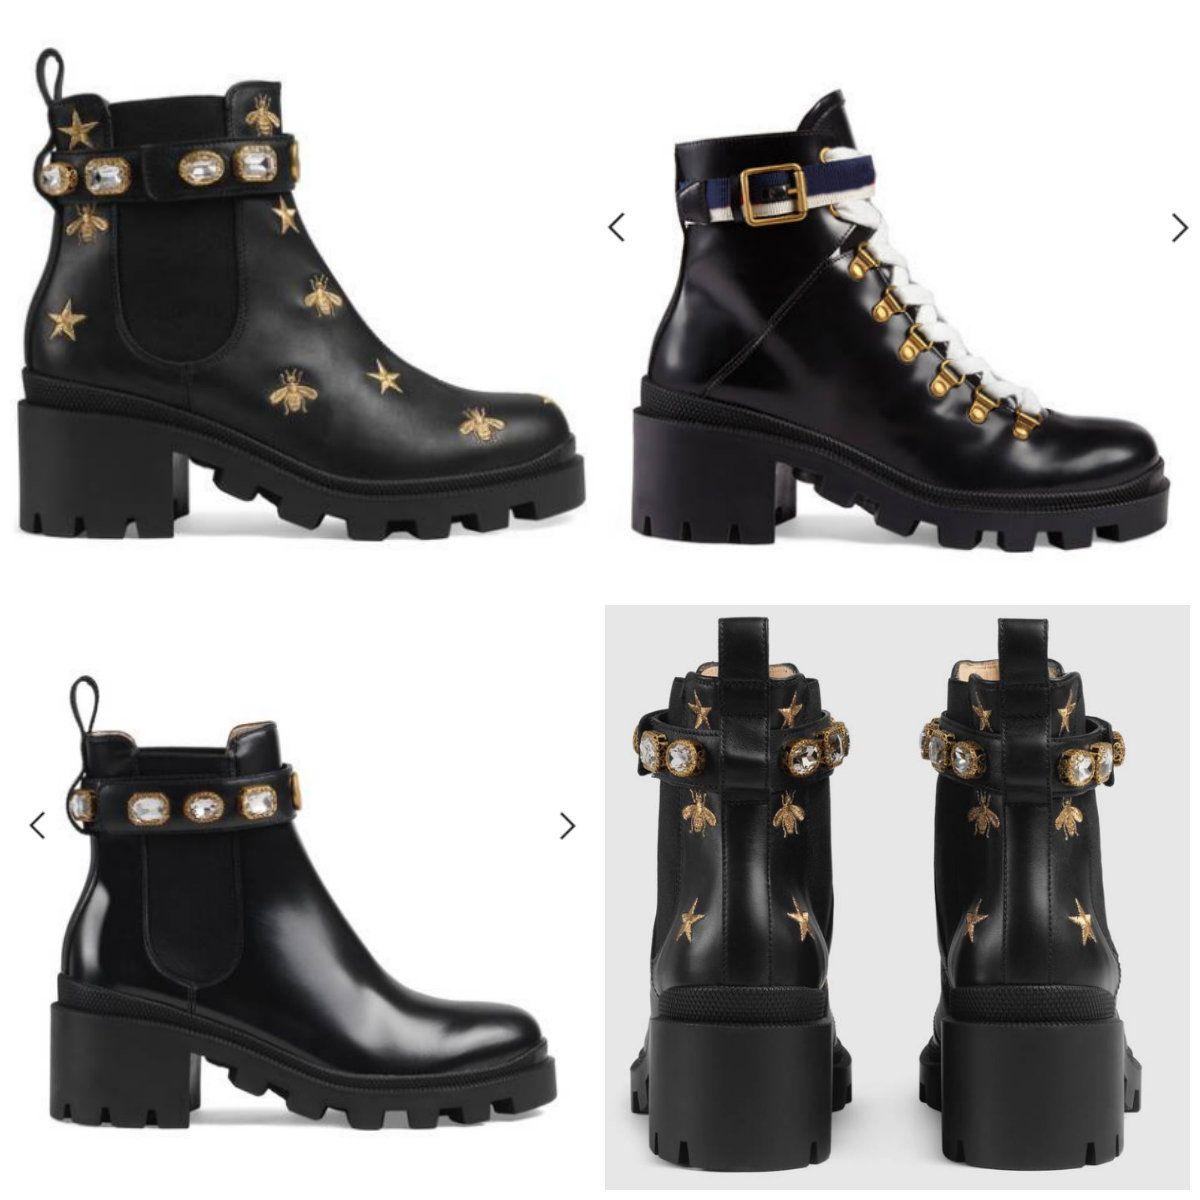 Sapatos de Couro da mulher direto da fábrica feminino salto duro cabeça redonda Lace up Fita fivela de cinto ankle boots outono inverno Martin BootsSIZE35-42